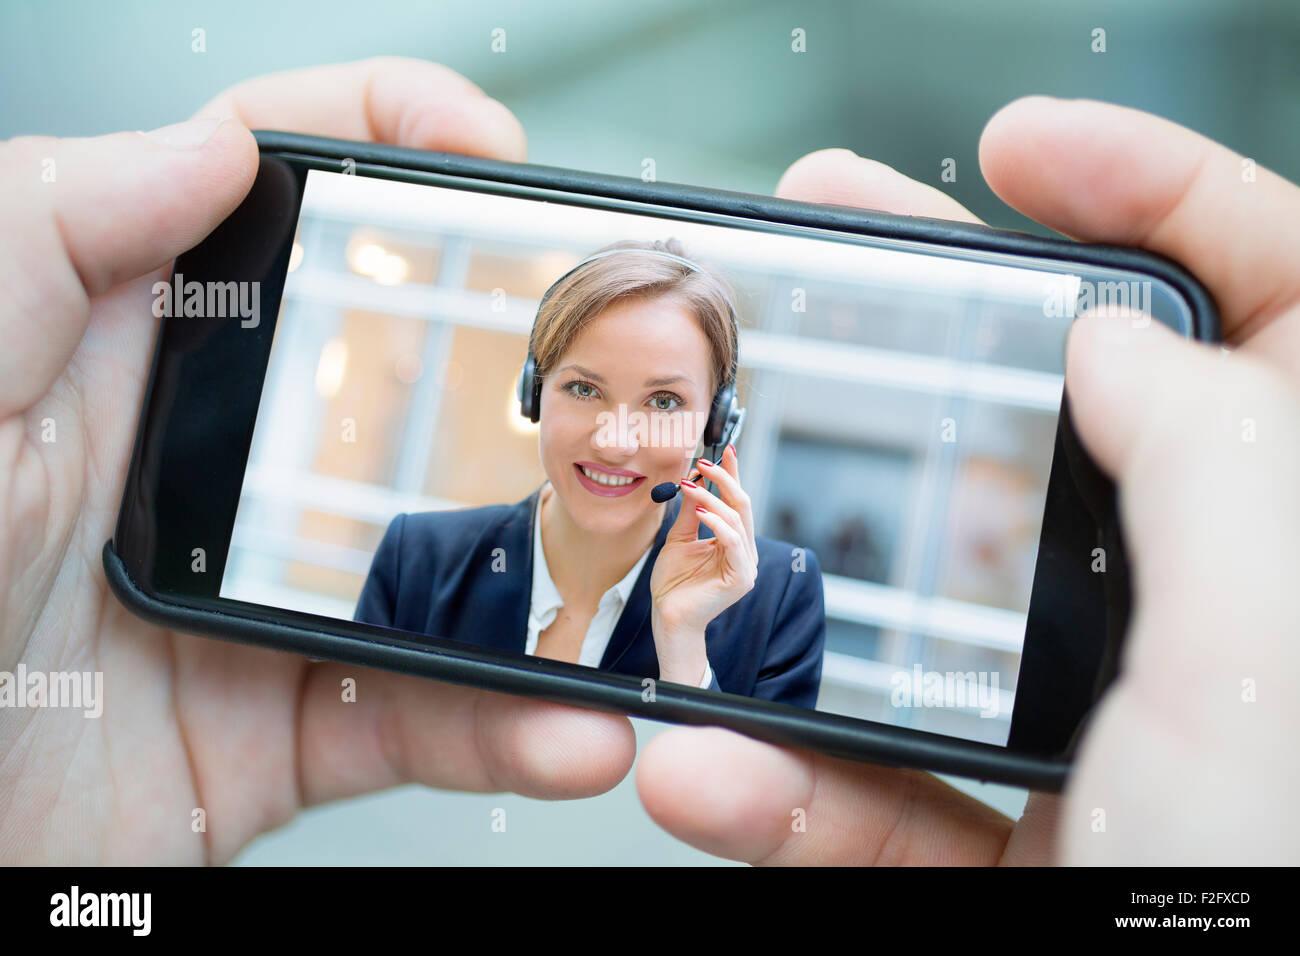 La empresaria charlando con teléfonos inteligentes. Imagen De Stock